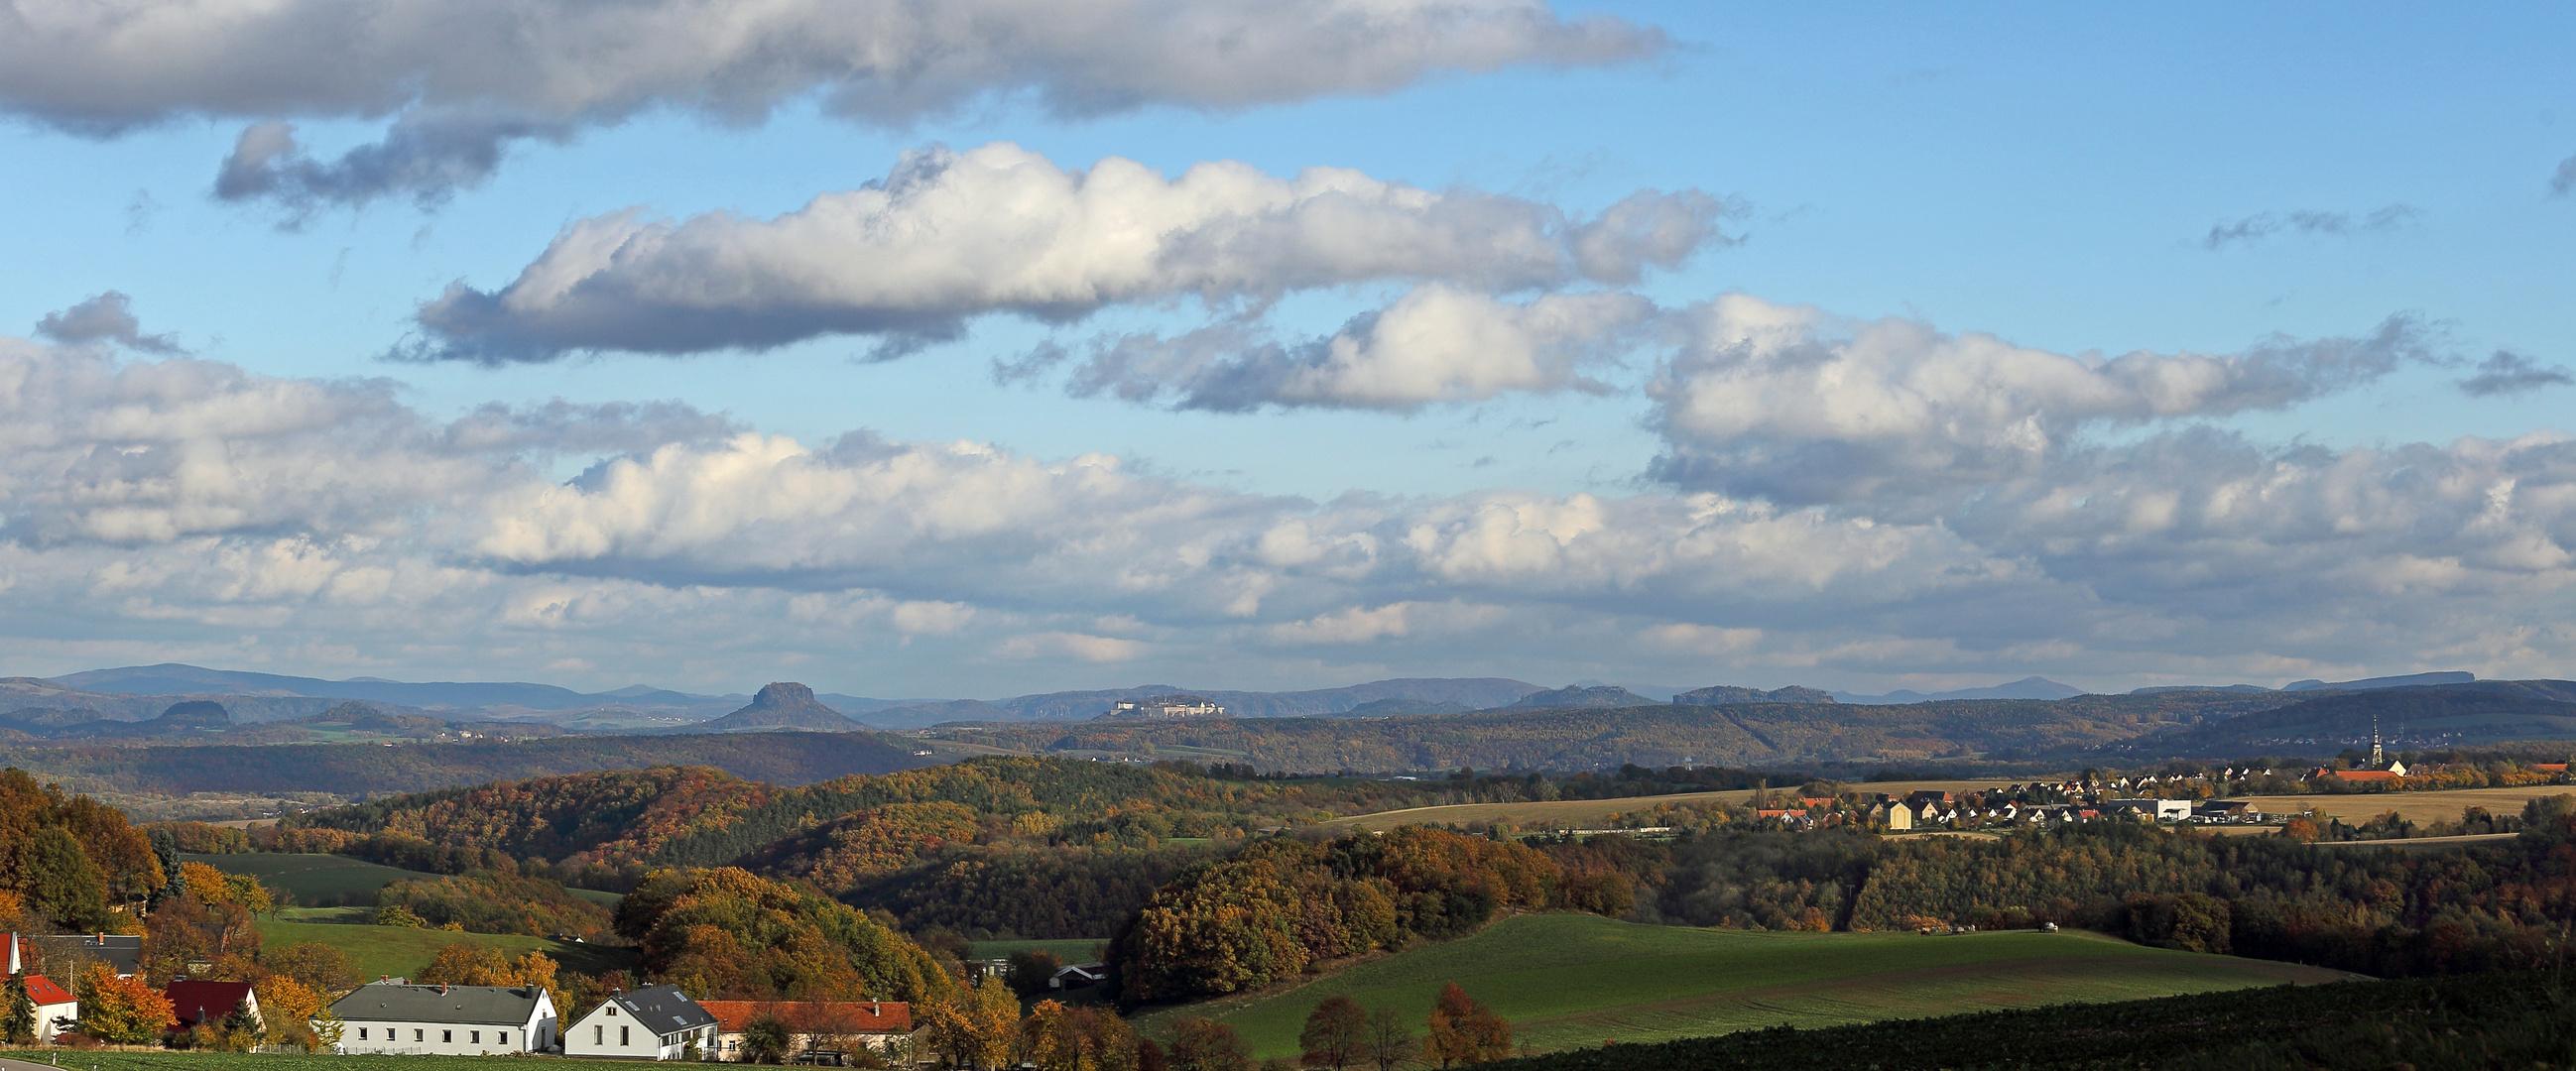 Der Herbstwunsch mit der Sächsischen Schweiz ist mit kühlem Westwind erfüllt worden...